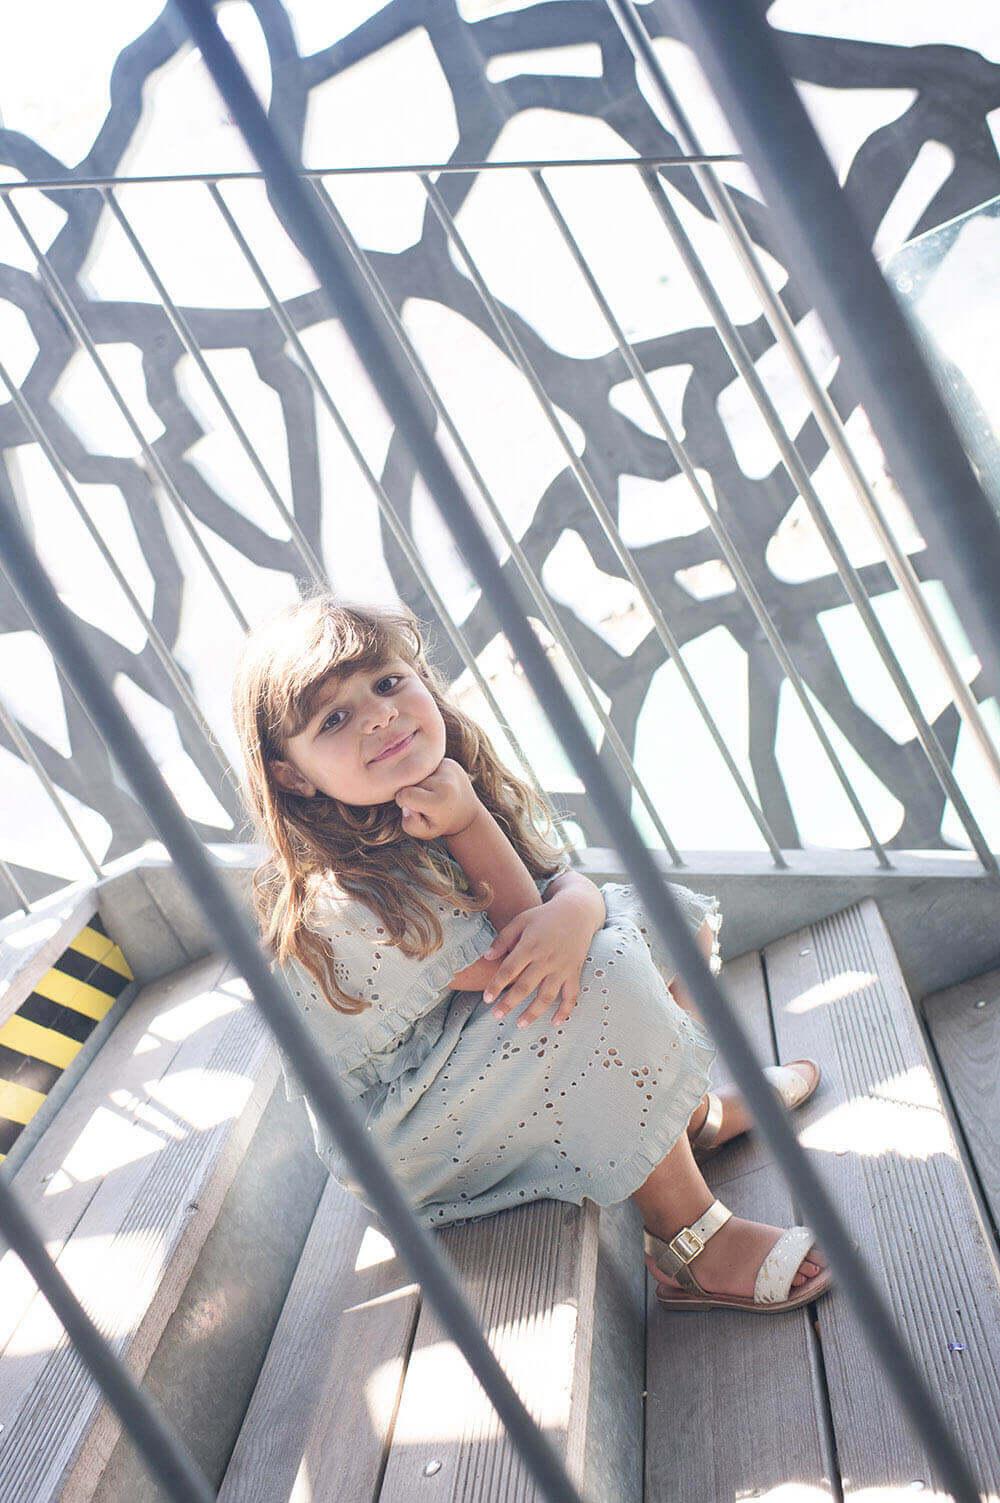 Jeune fille qui prend la pause sur les marche du MuCem.